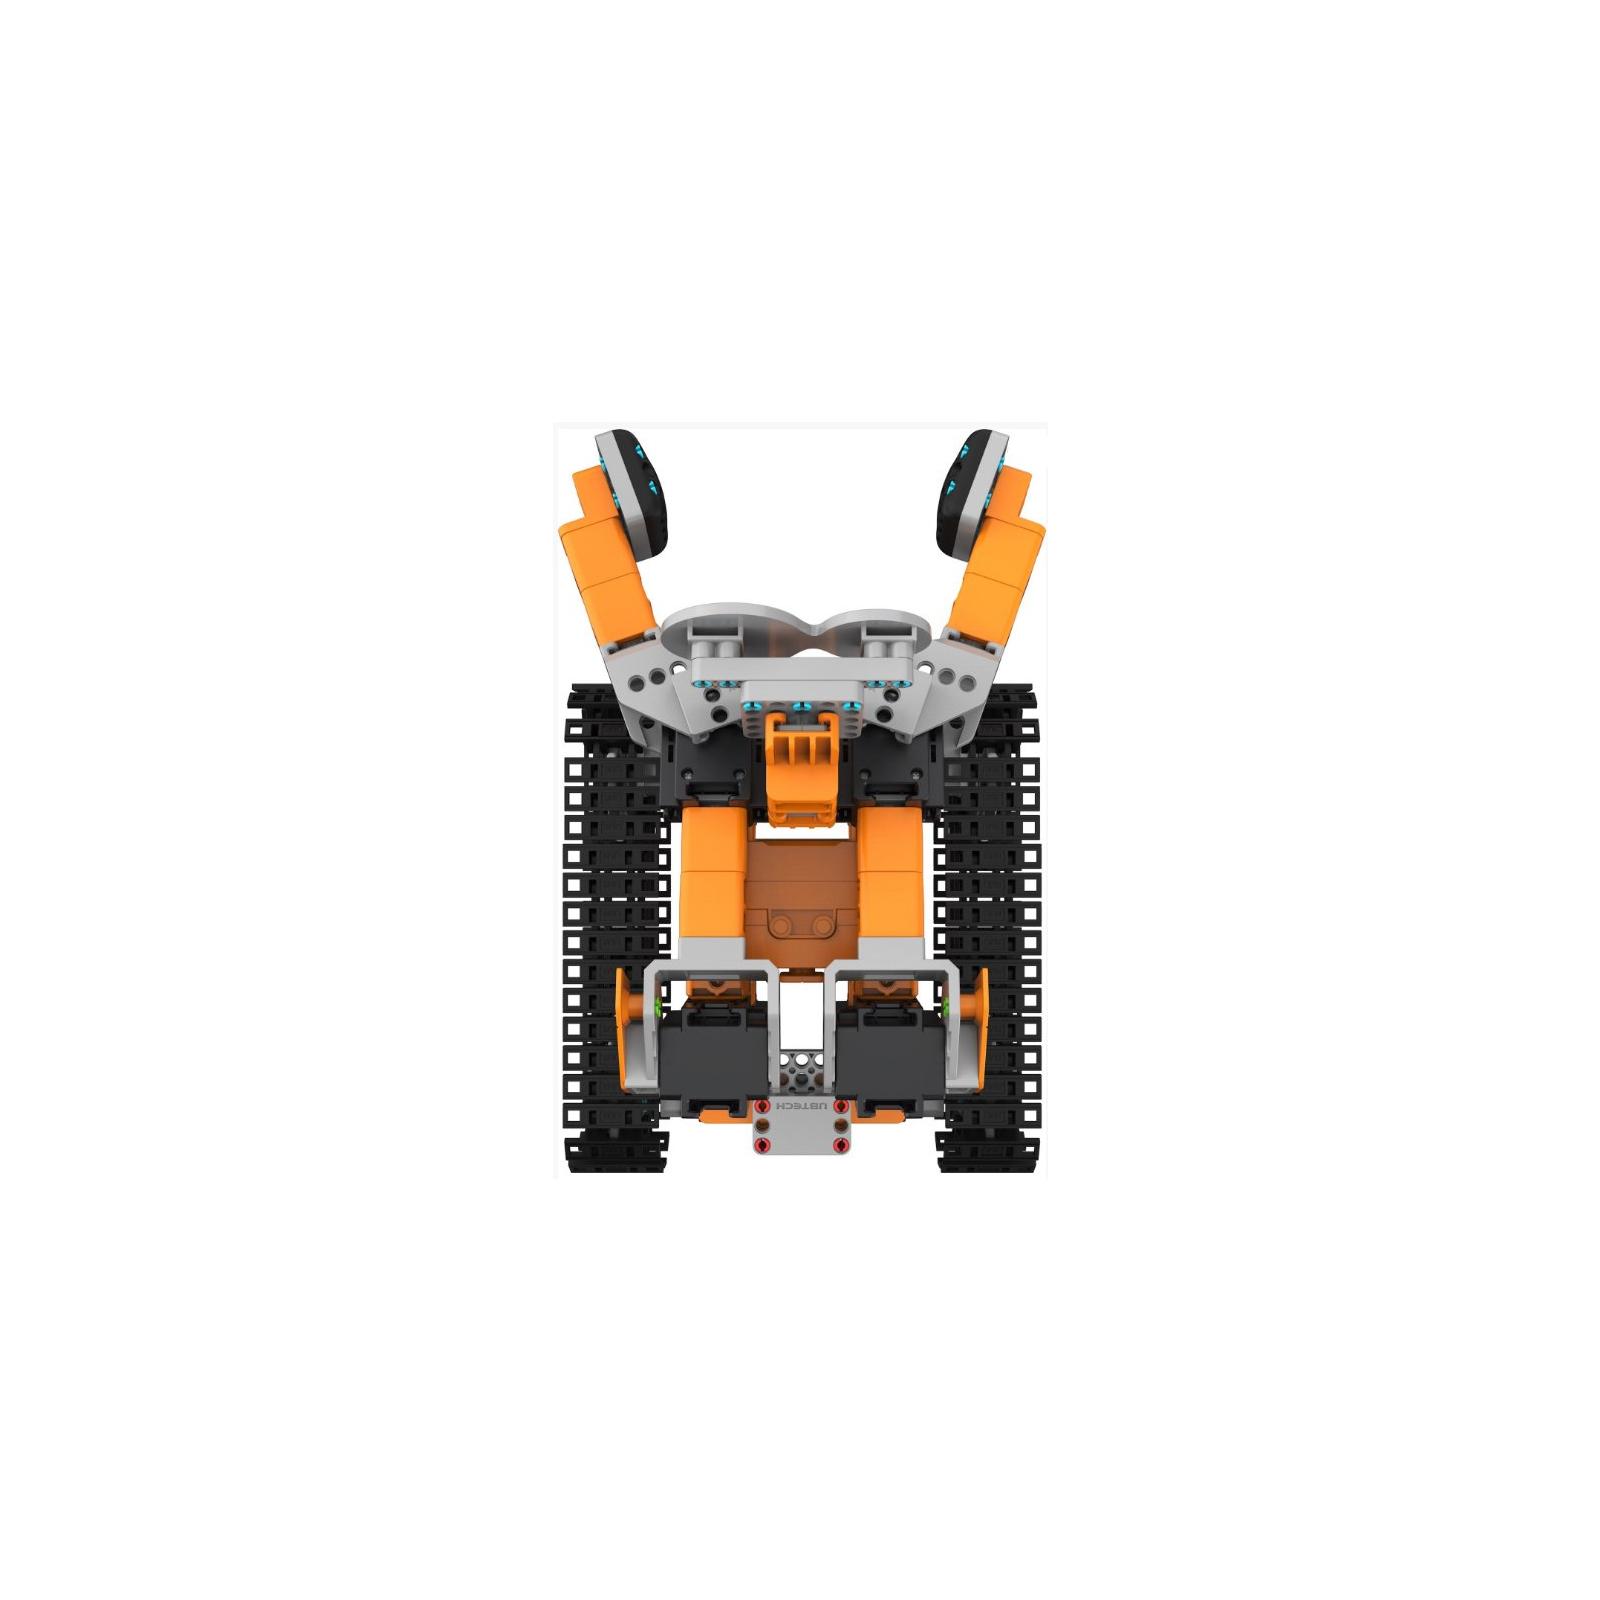 Робот Ubtech JIMU Tankbot (6 servos) (JR0601-1) изображение 7